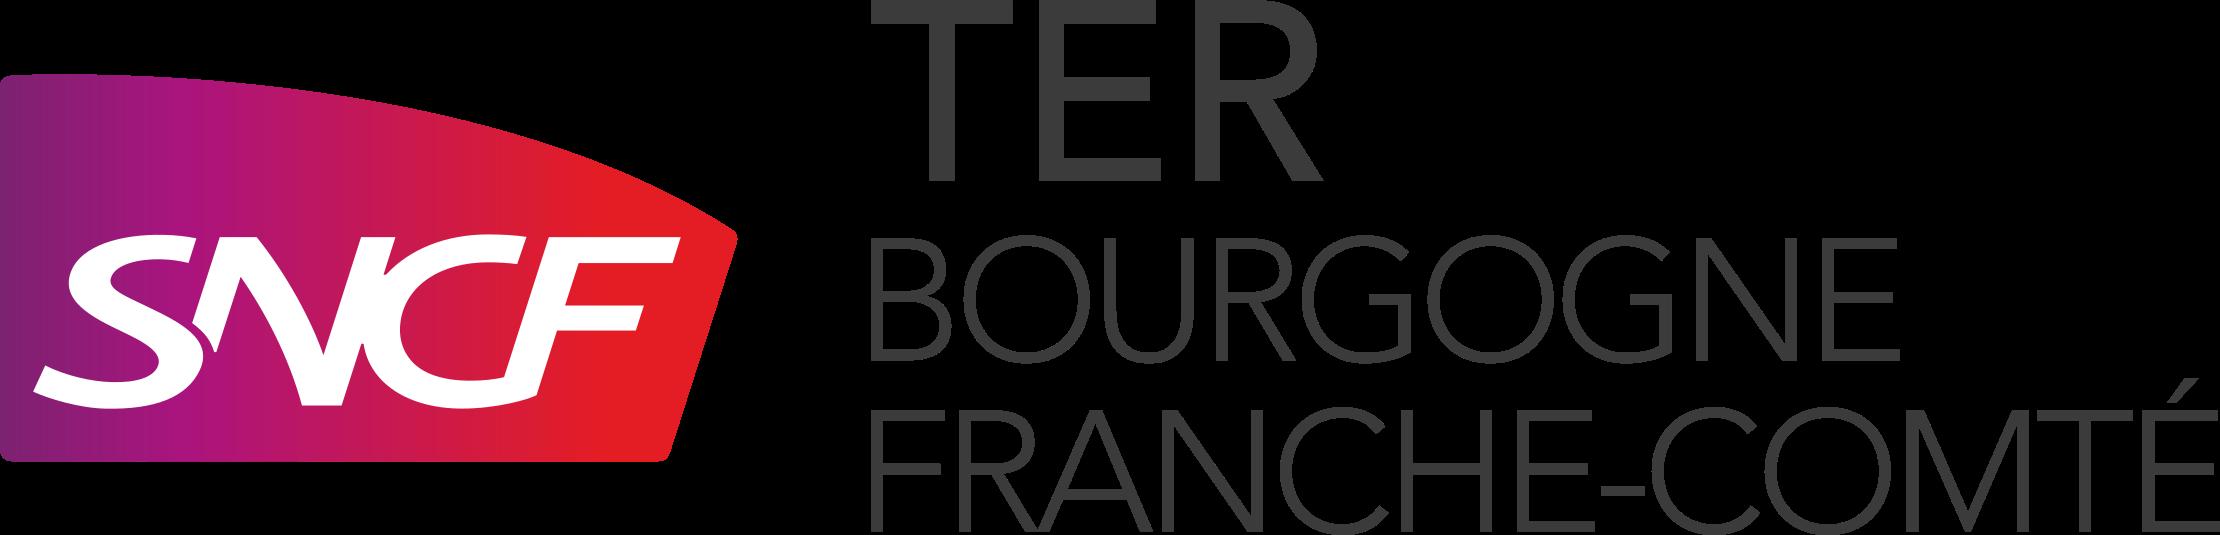 Nouvelle fenêtre : Site TER Bourgogne Franche-Comté